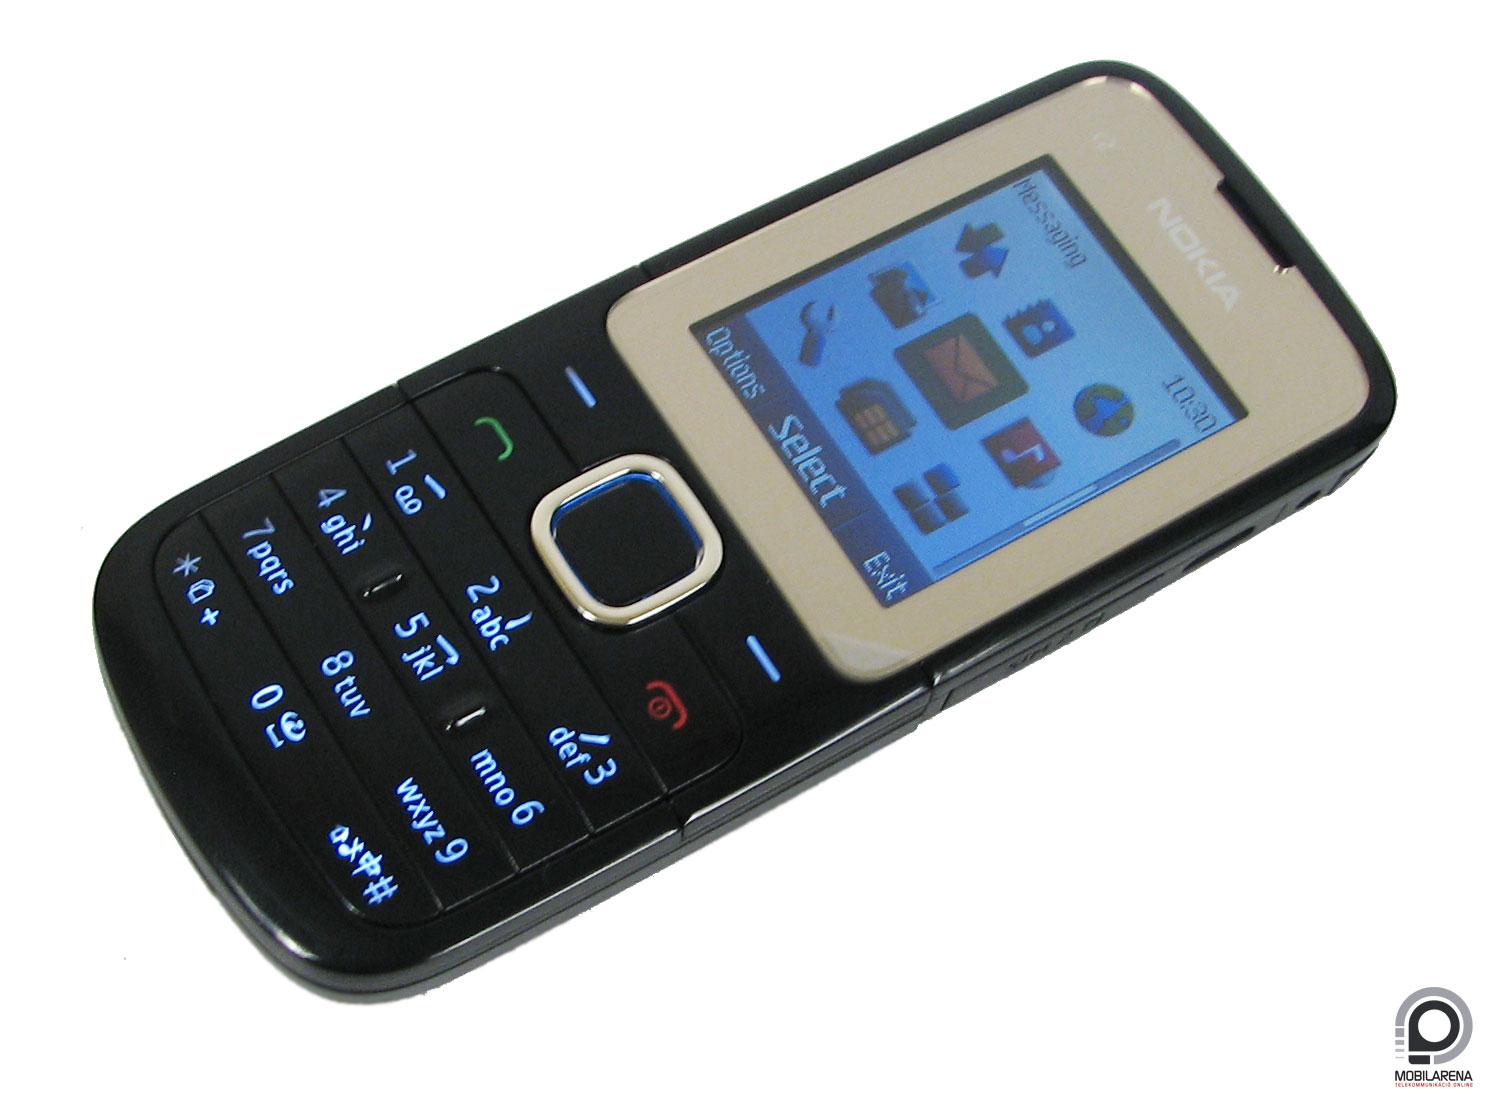 Nokia C2-00 - két SIM, kicsit másképp - Mobilarena ...